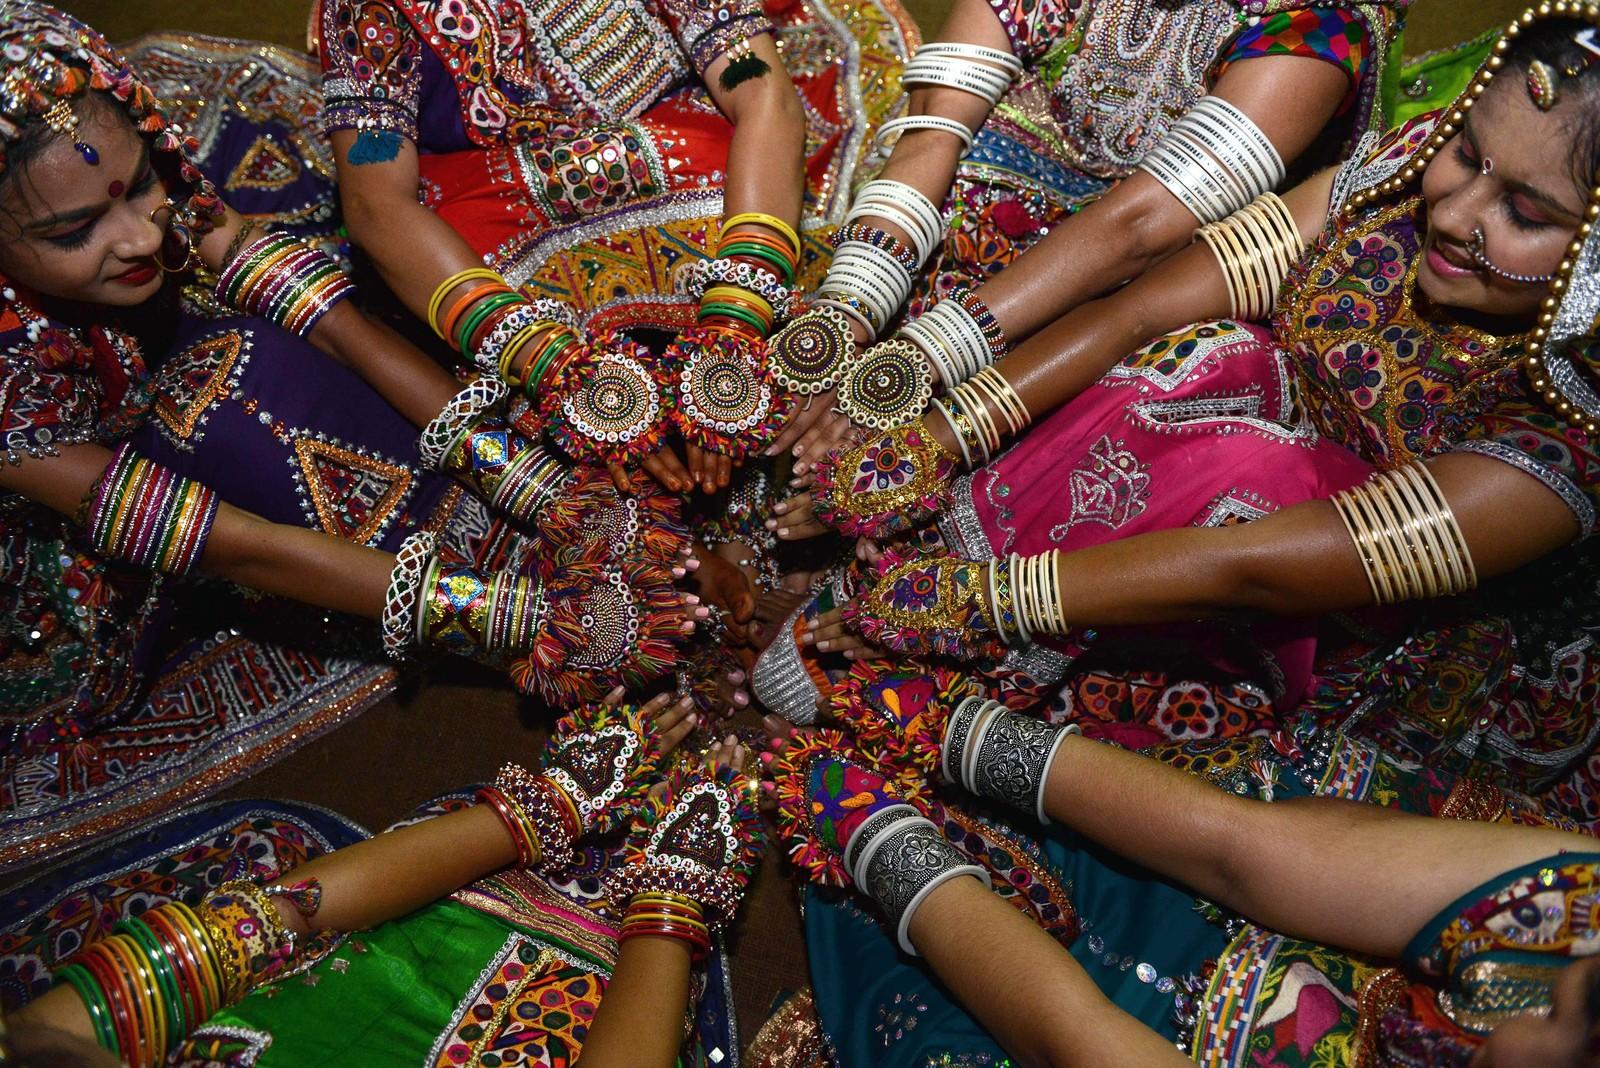 Indiske dansere viser fram bling-bling under en dansefestival i Gandhinagar.